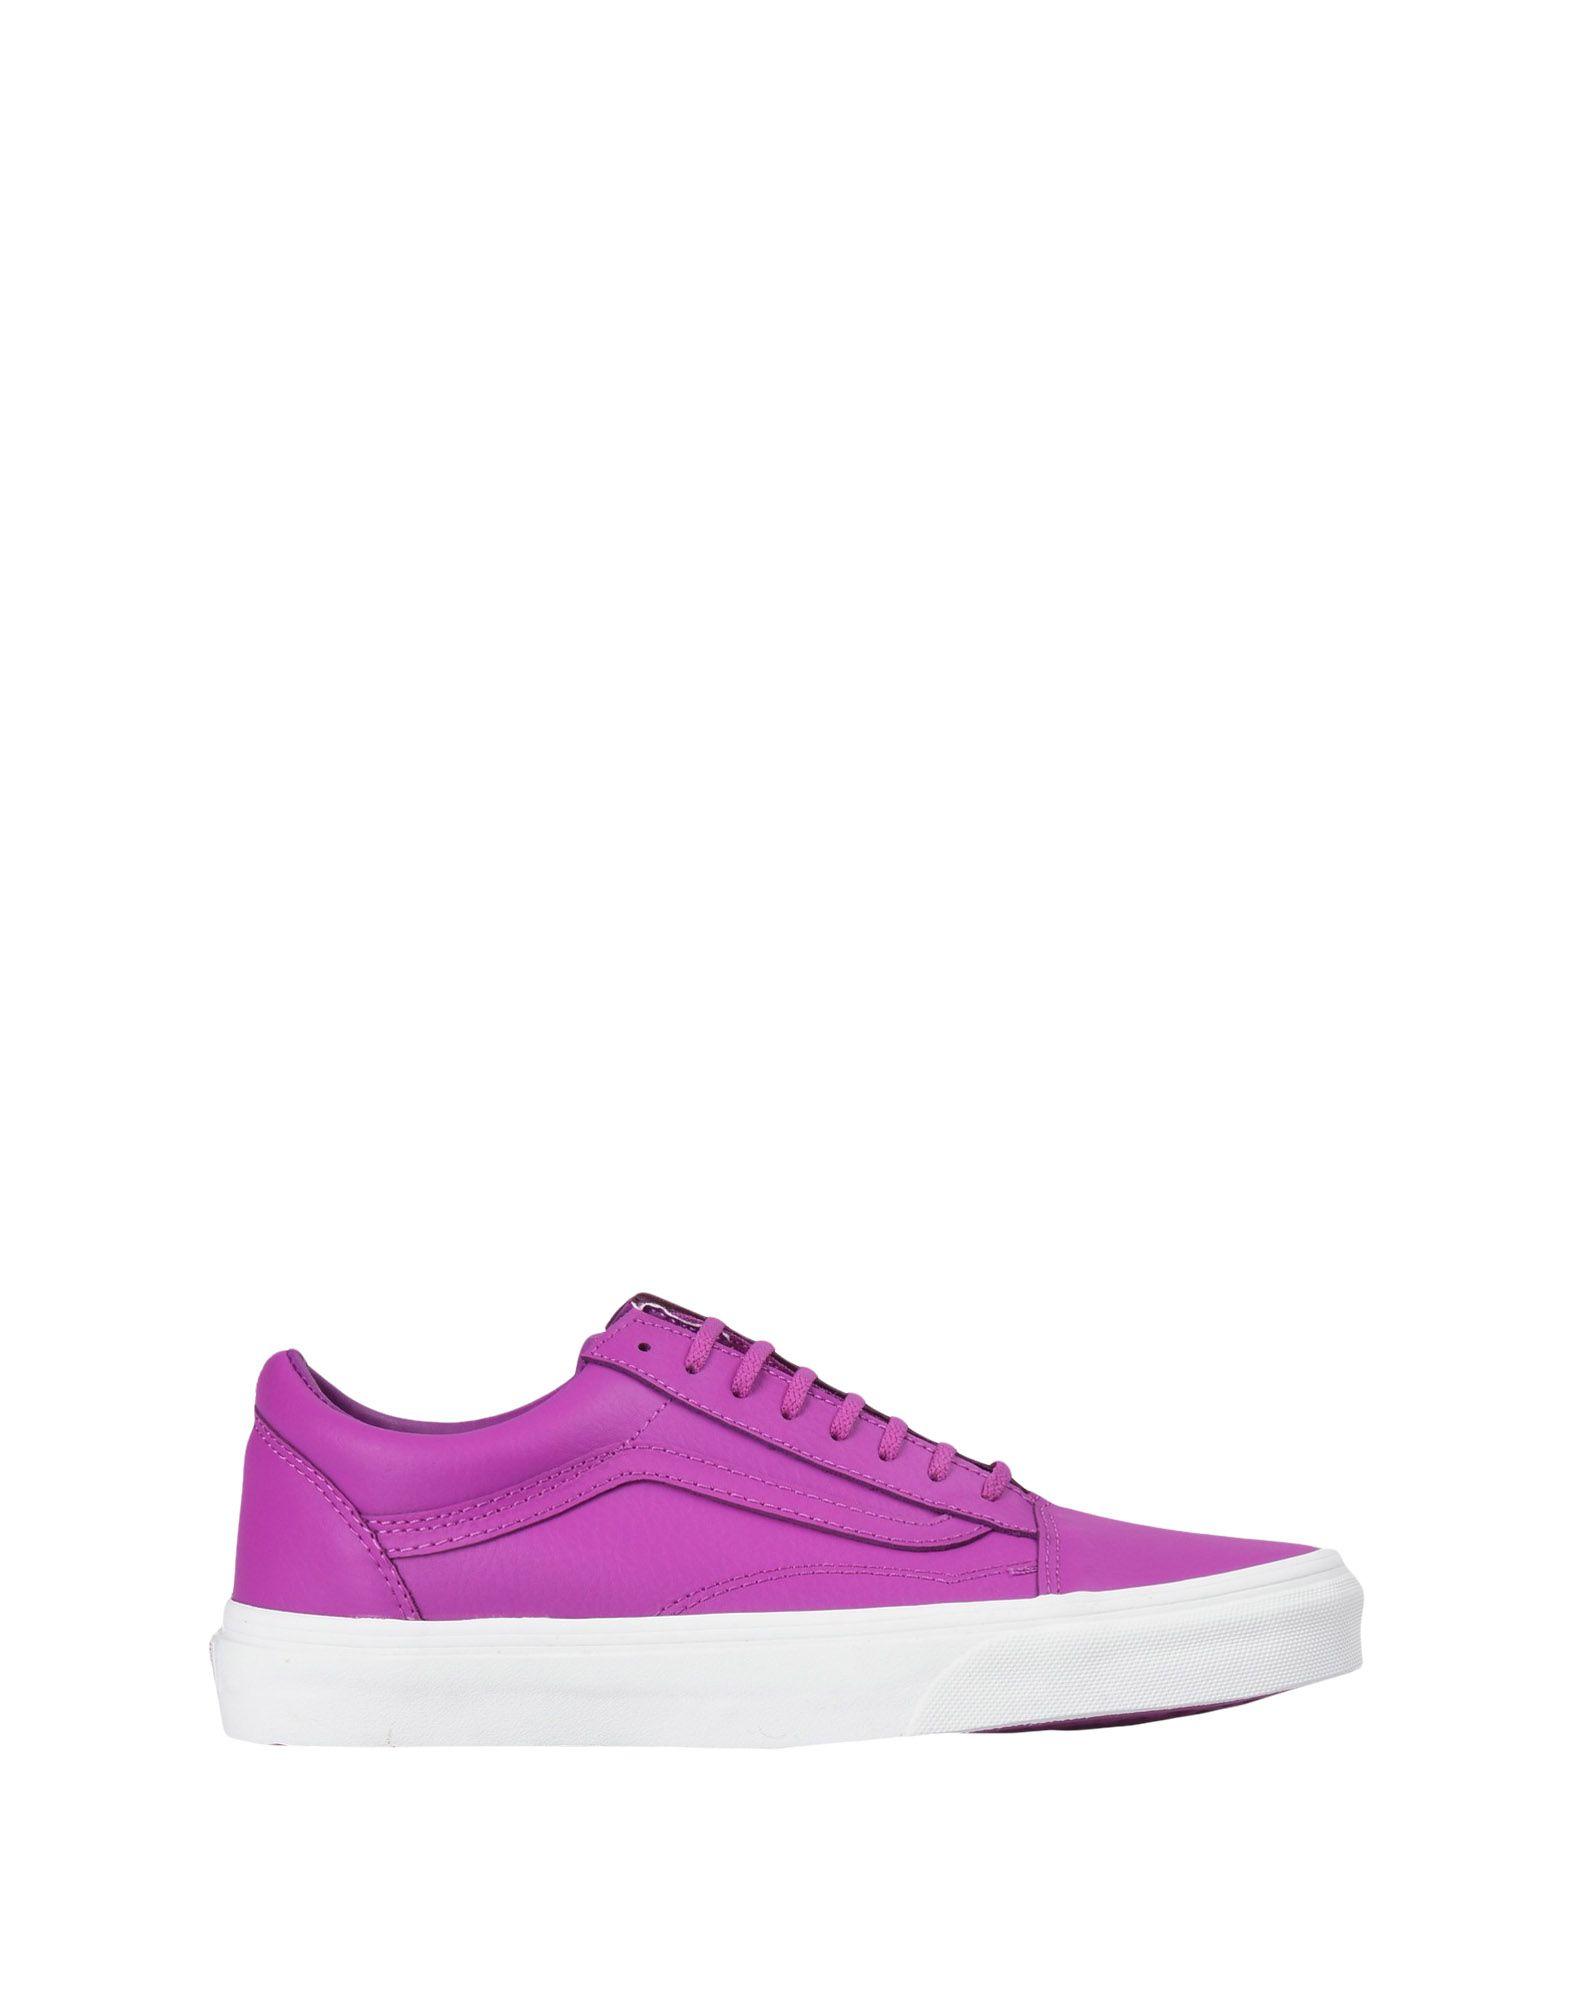 Sneakers Vans Ua Old Skool - Neon Leather - Femme - Sneakers Vans sur